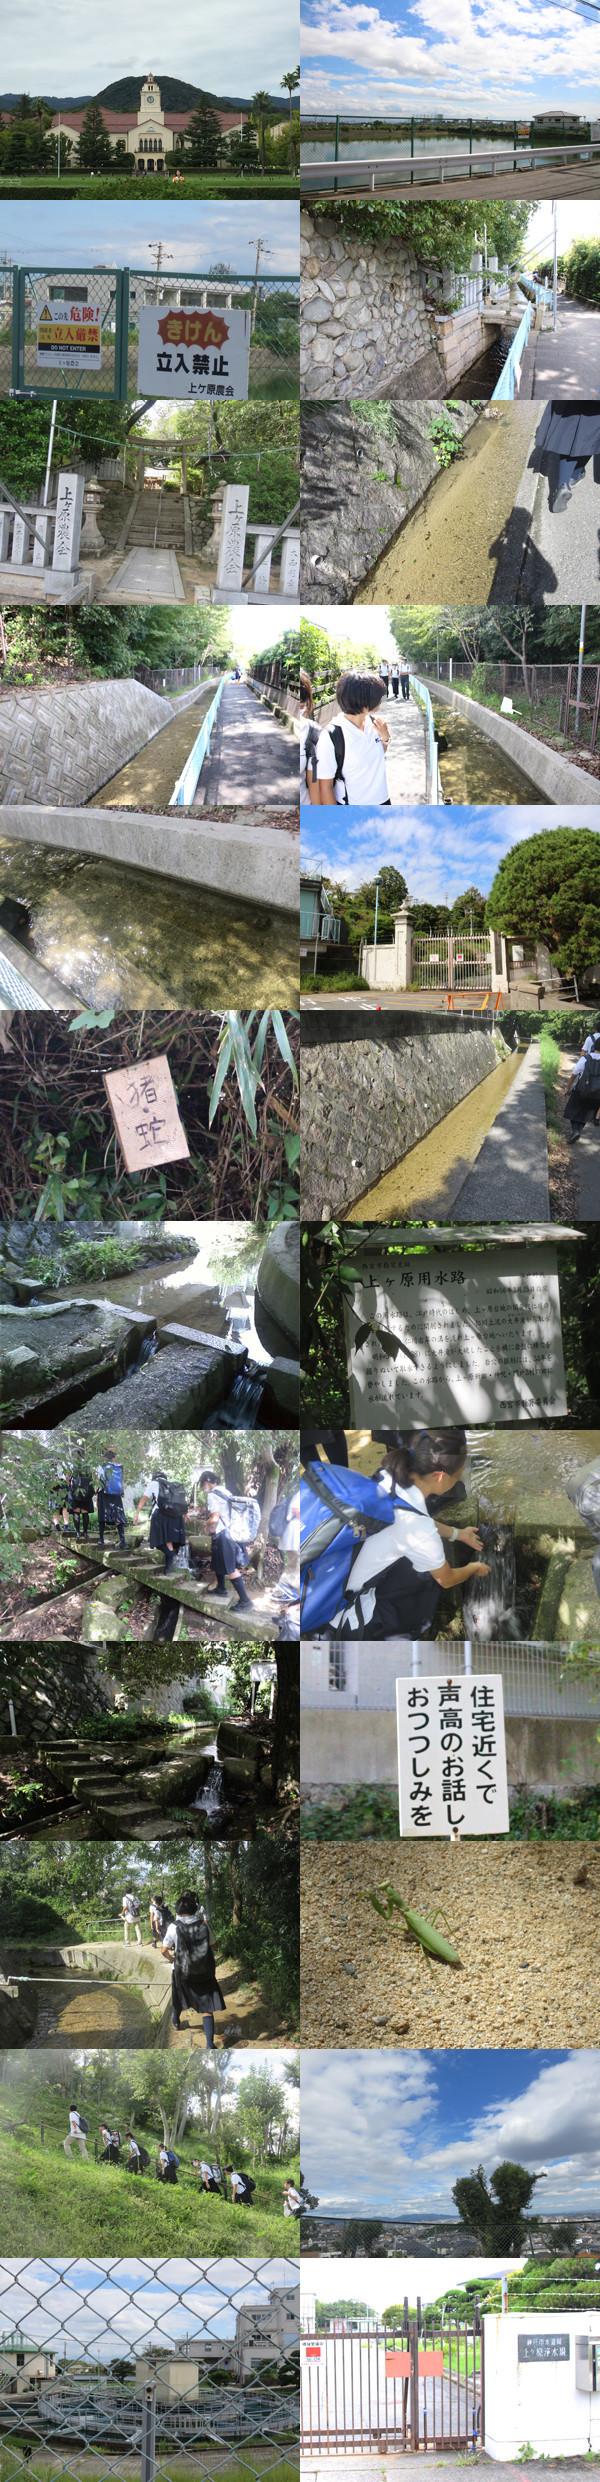 f:id:toshobu:20180924174127j:image